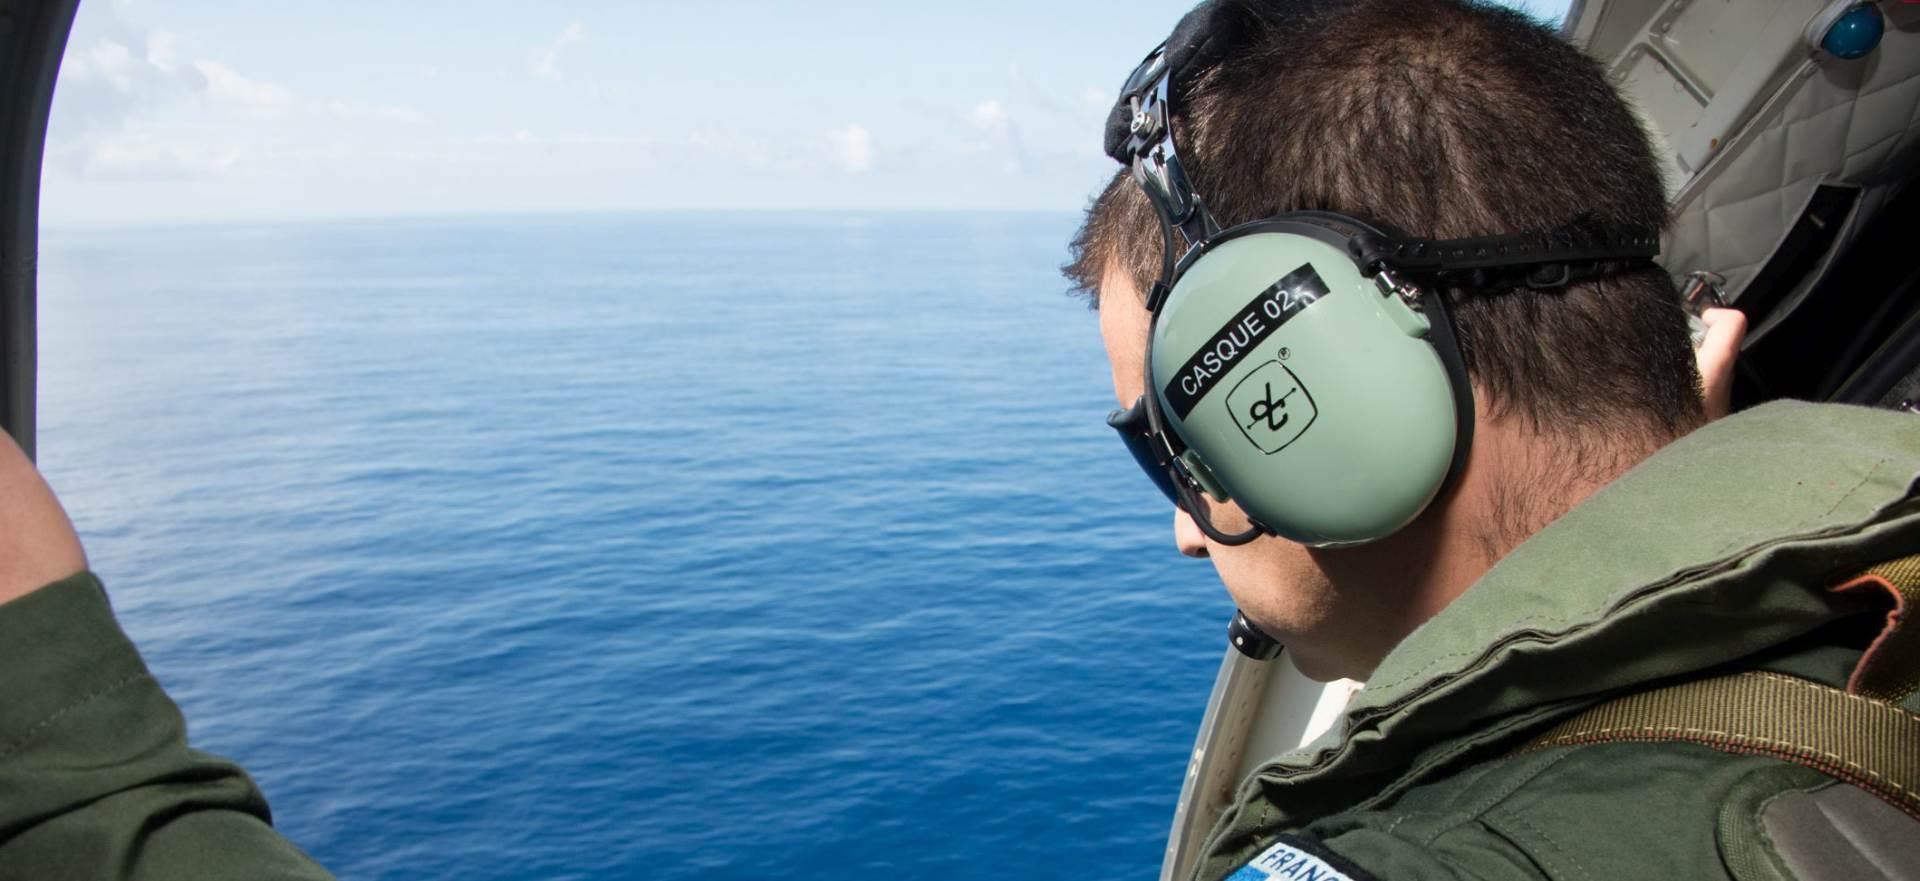 POTRAGA ZA ODGOVOROM: Na Reunionu detaljno pretraživanje terena za ostacima MH370